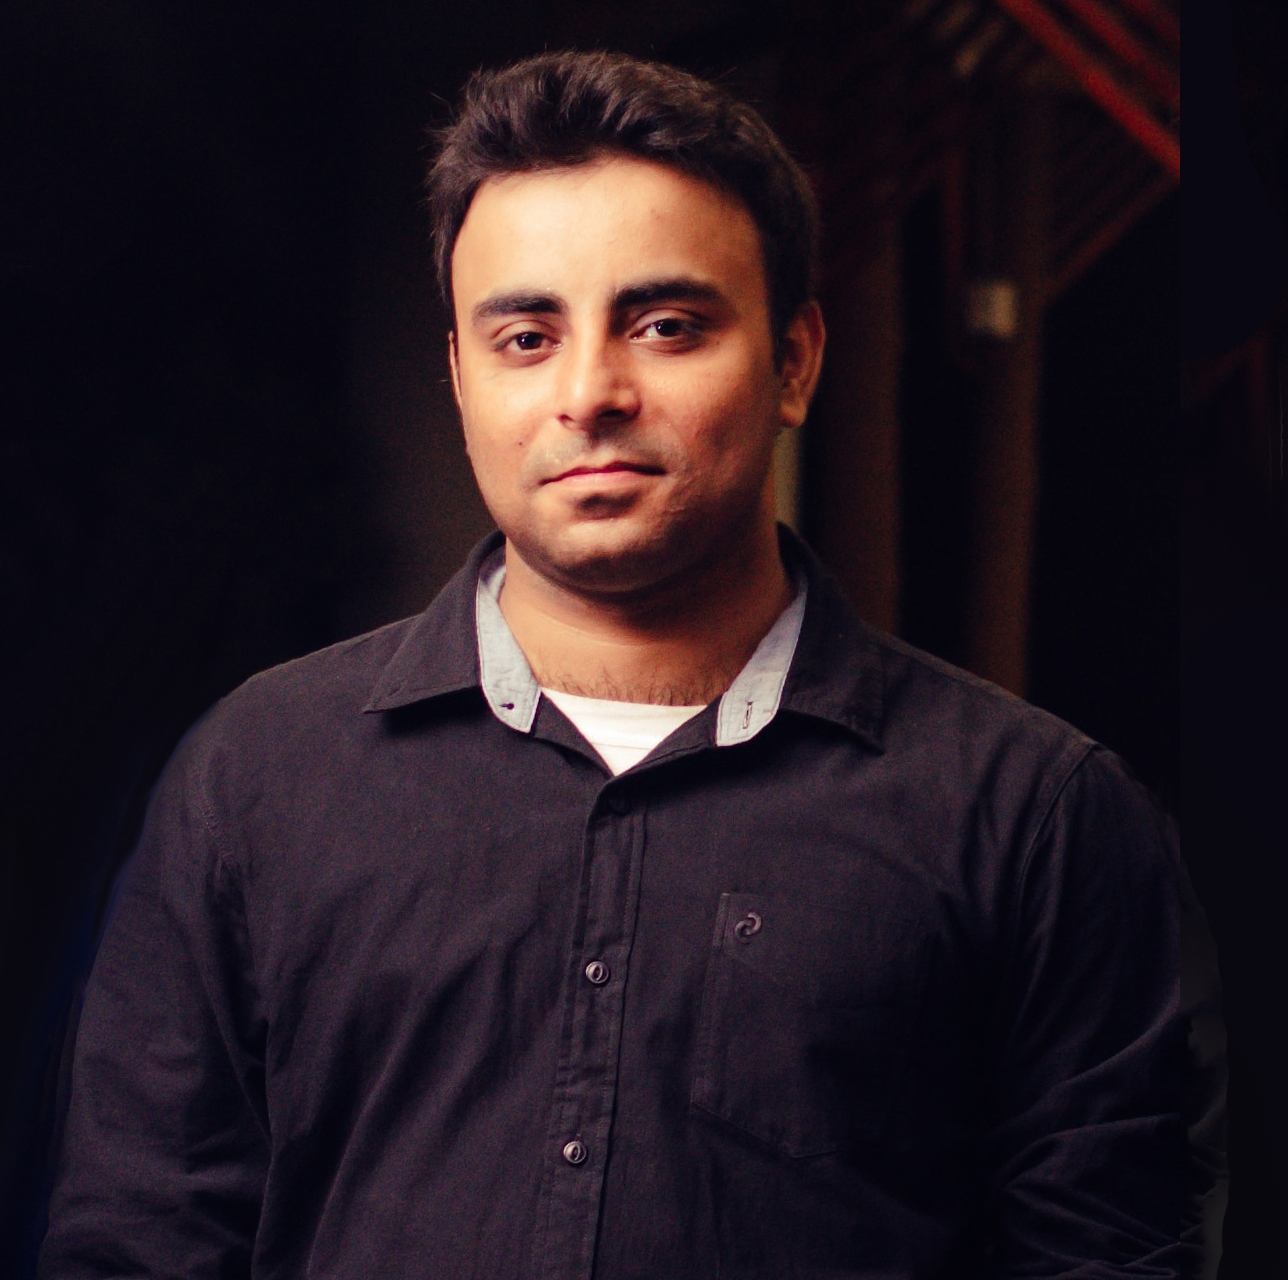 M. Mursaleen Javed